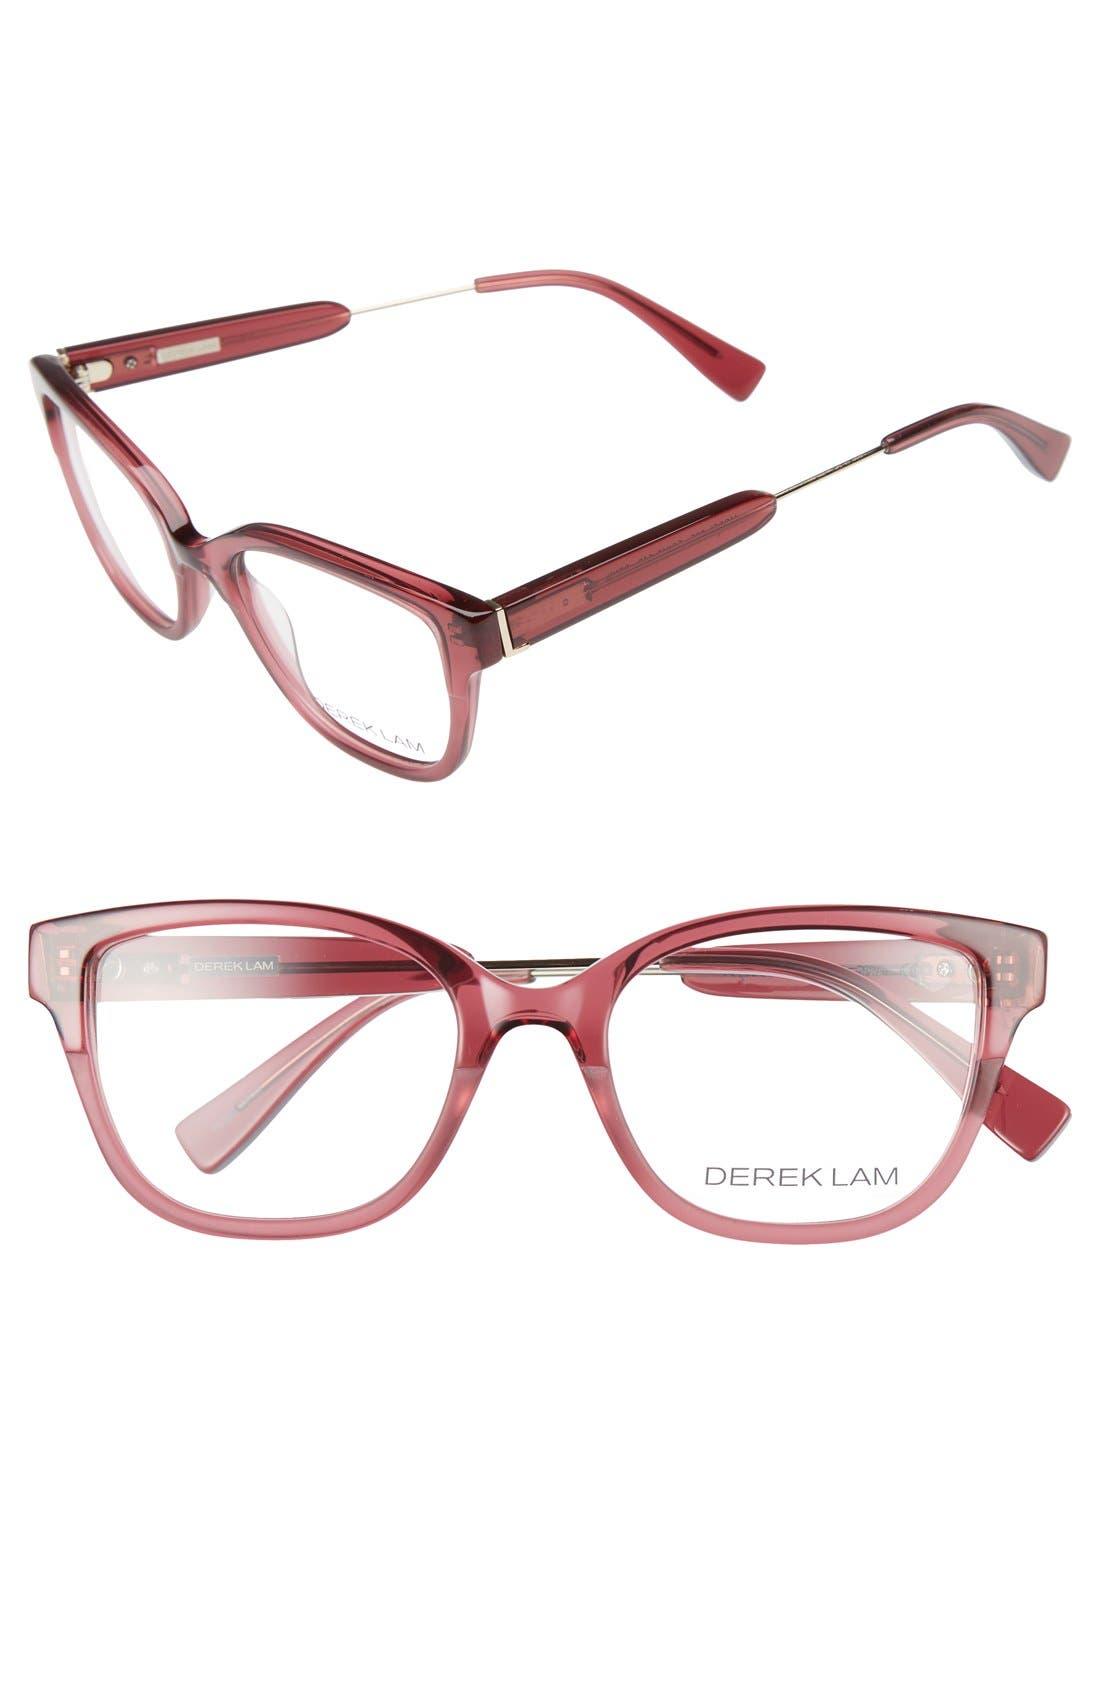 DEREK LAM,                             50mm Optical Glasses,                             Main thumbnail 1, color,                             651